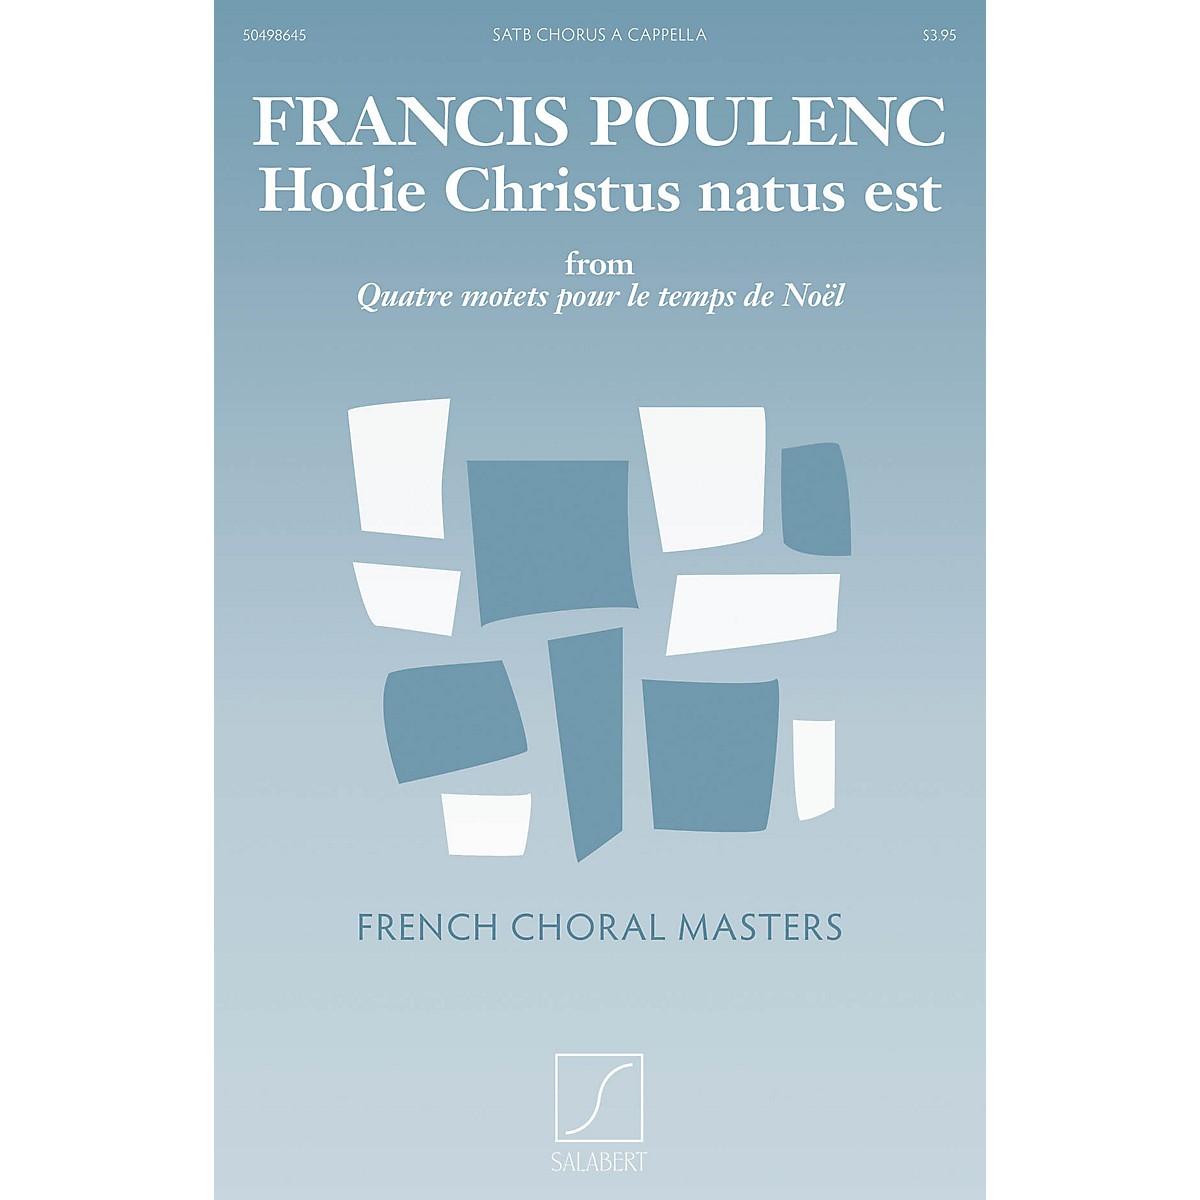 Salabert Hodie Christus natus est (from Quatre motets pour le temps de Noel) Composed by Francis Poulenc